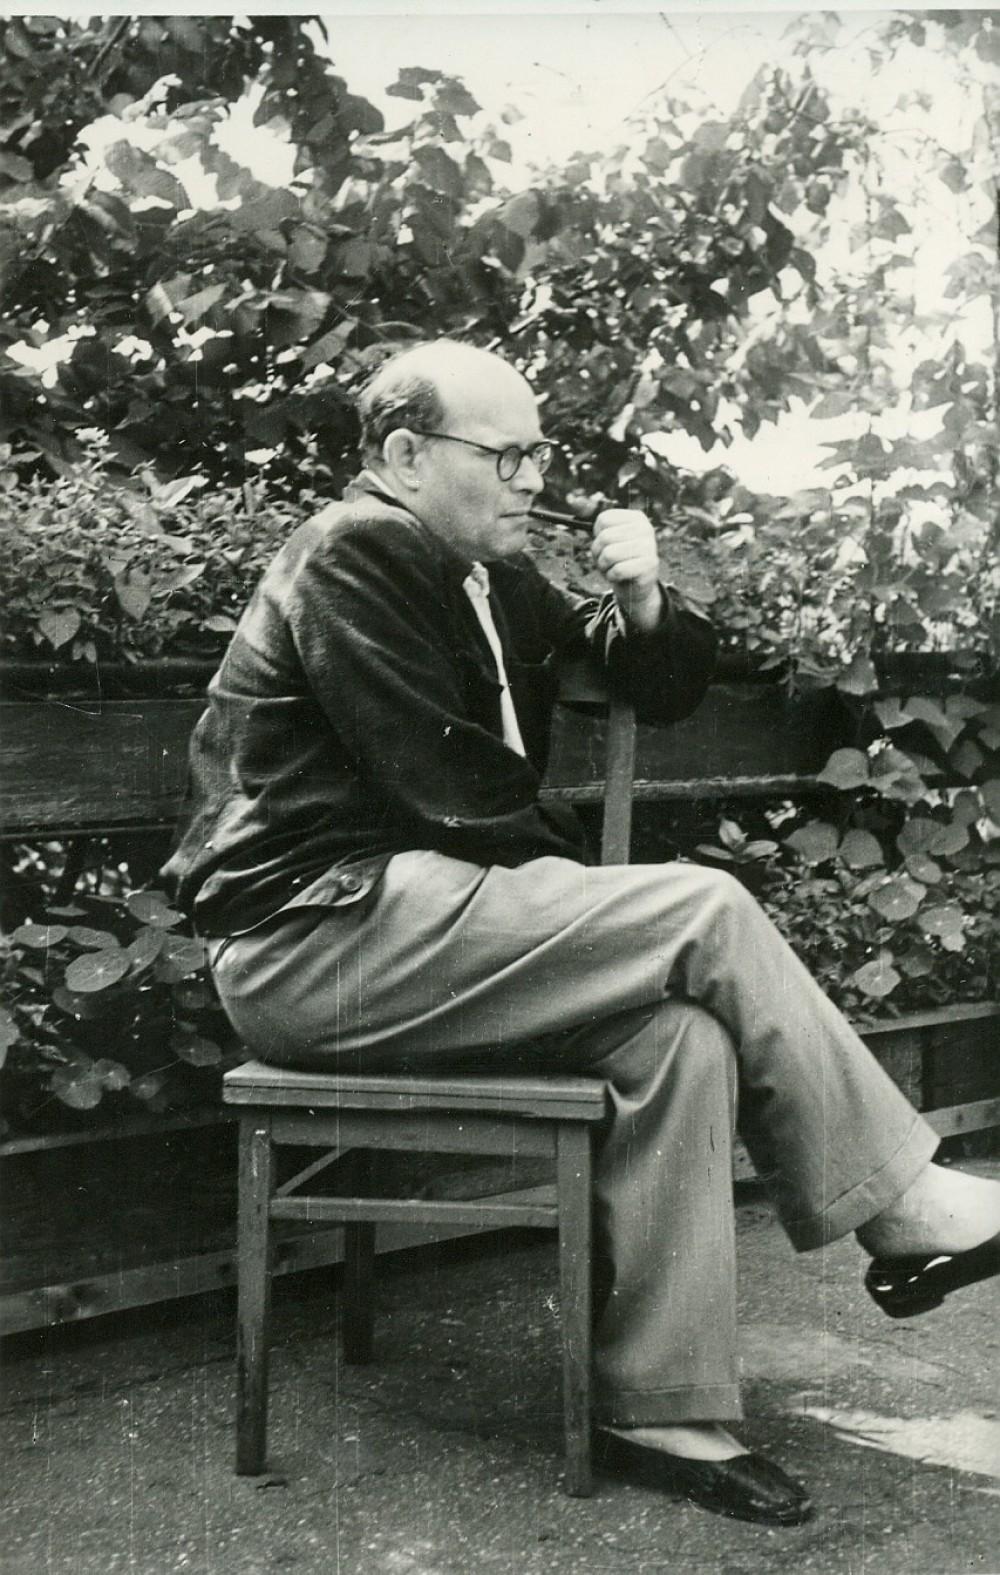 Kazys Boruta prie savo sodintų gėlių Olandų gatvėje. Vilnius, apie 1956–1957 m.